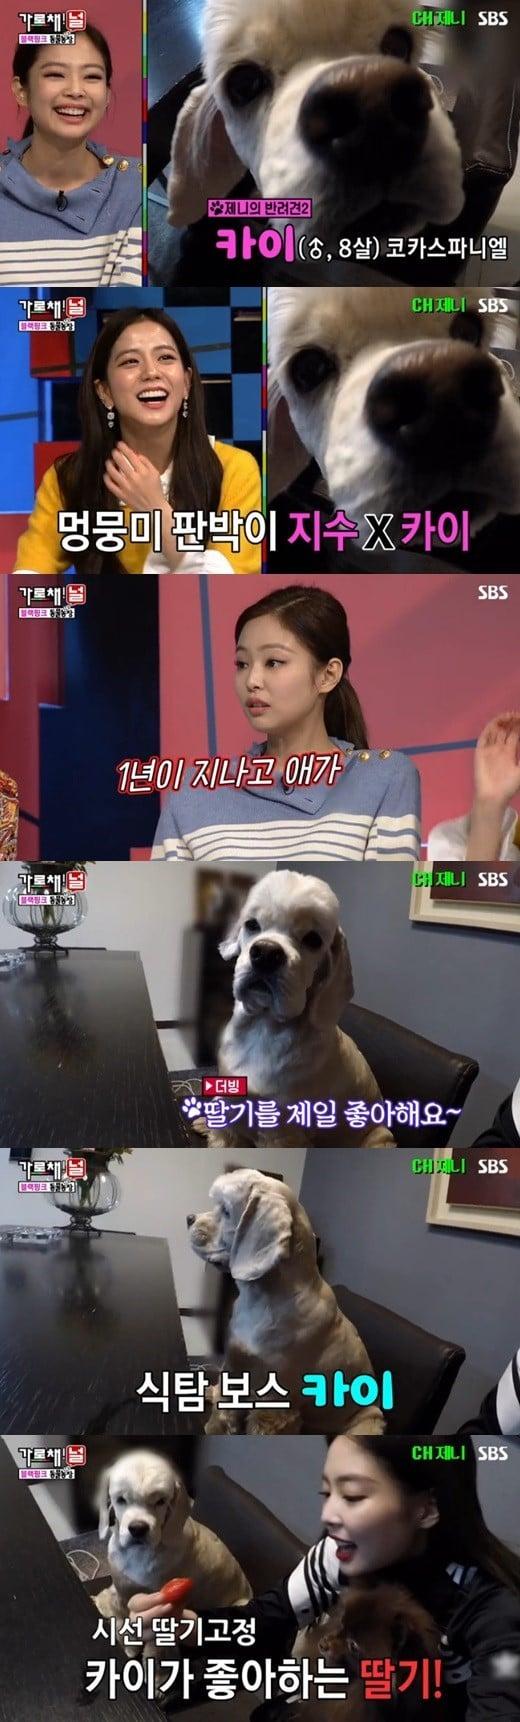 Jennie dan juga anjing peliharaannya